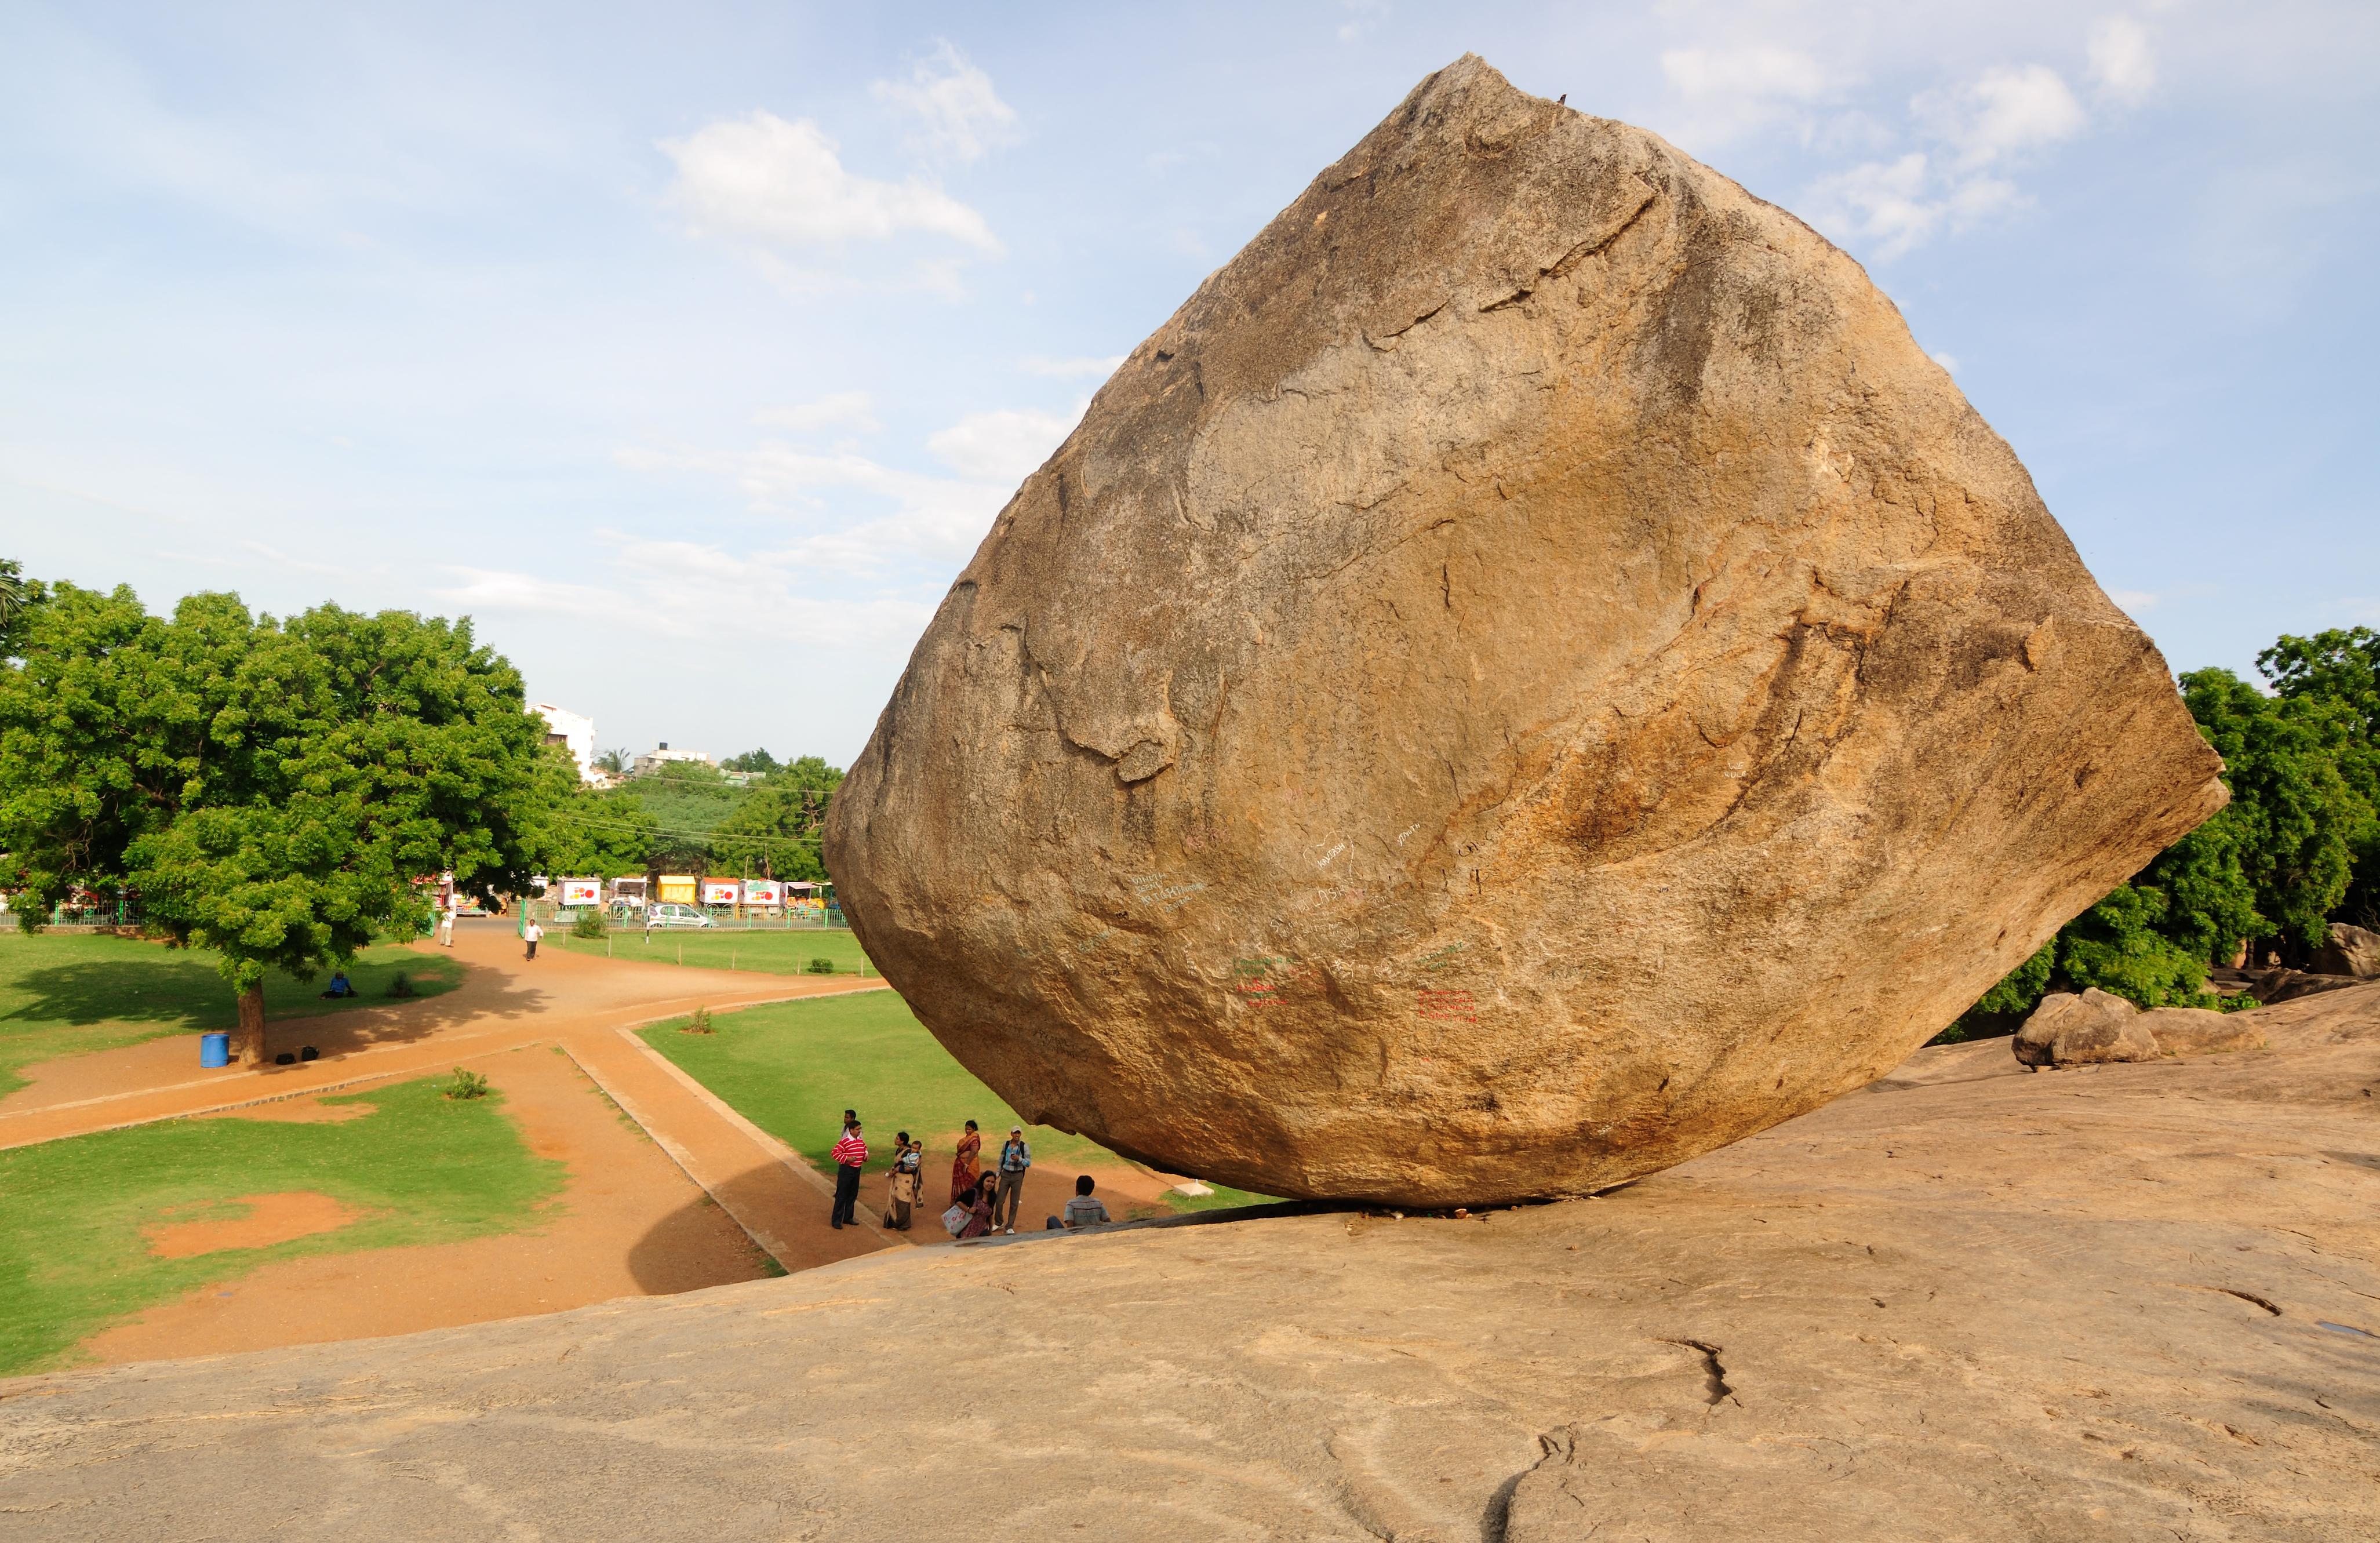 Hòn đá nặng 250 tấn nằm trên sườn dốc hàng nghìn năm, thách thức các định luật vật lý - ảnh 4.